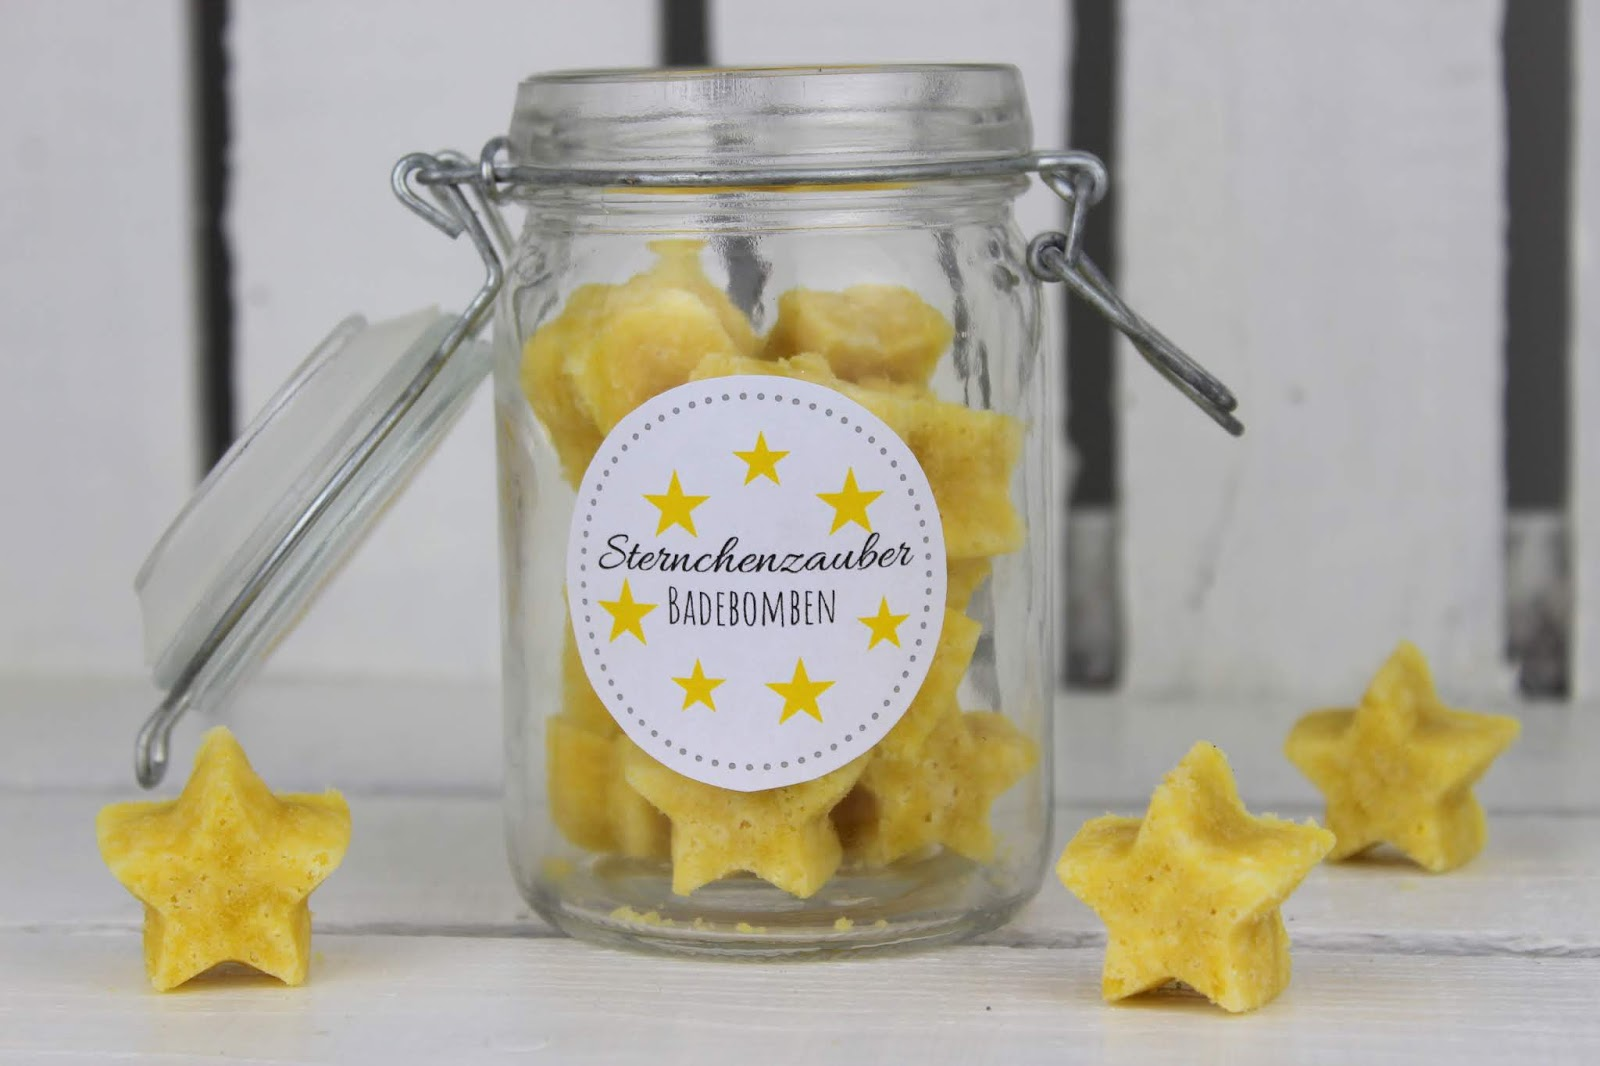 DIY Badebomben in Sternenform selber machen - eine super Geschenkidee im Glas zu Weihnachten + kostenlose Vorlage